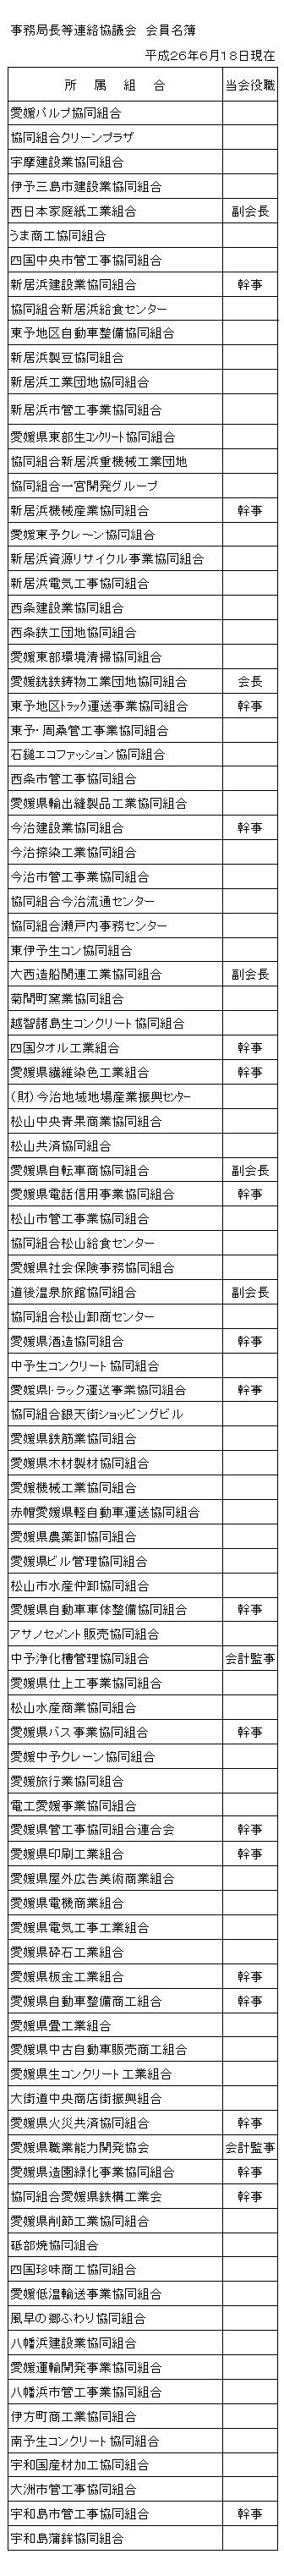 事務局長等連絡協議会会員名簿